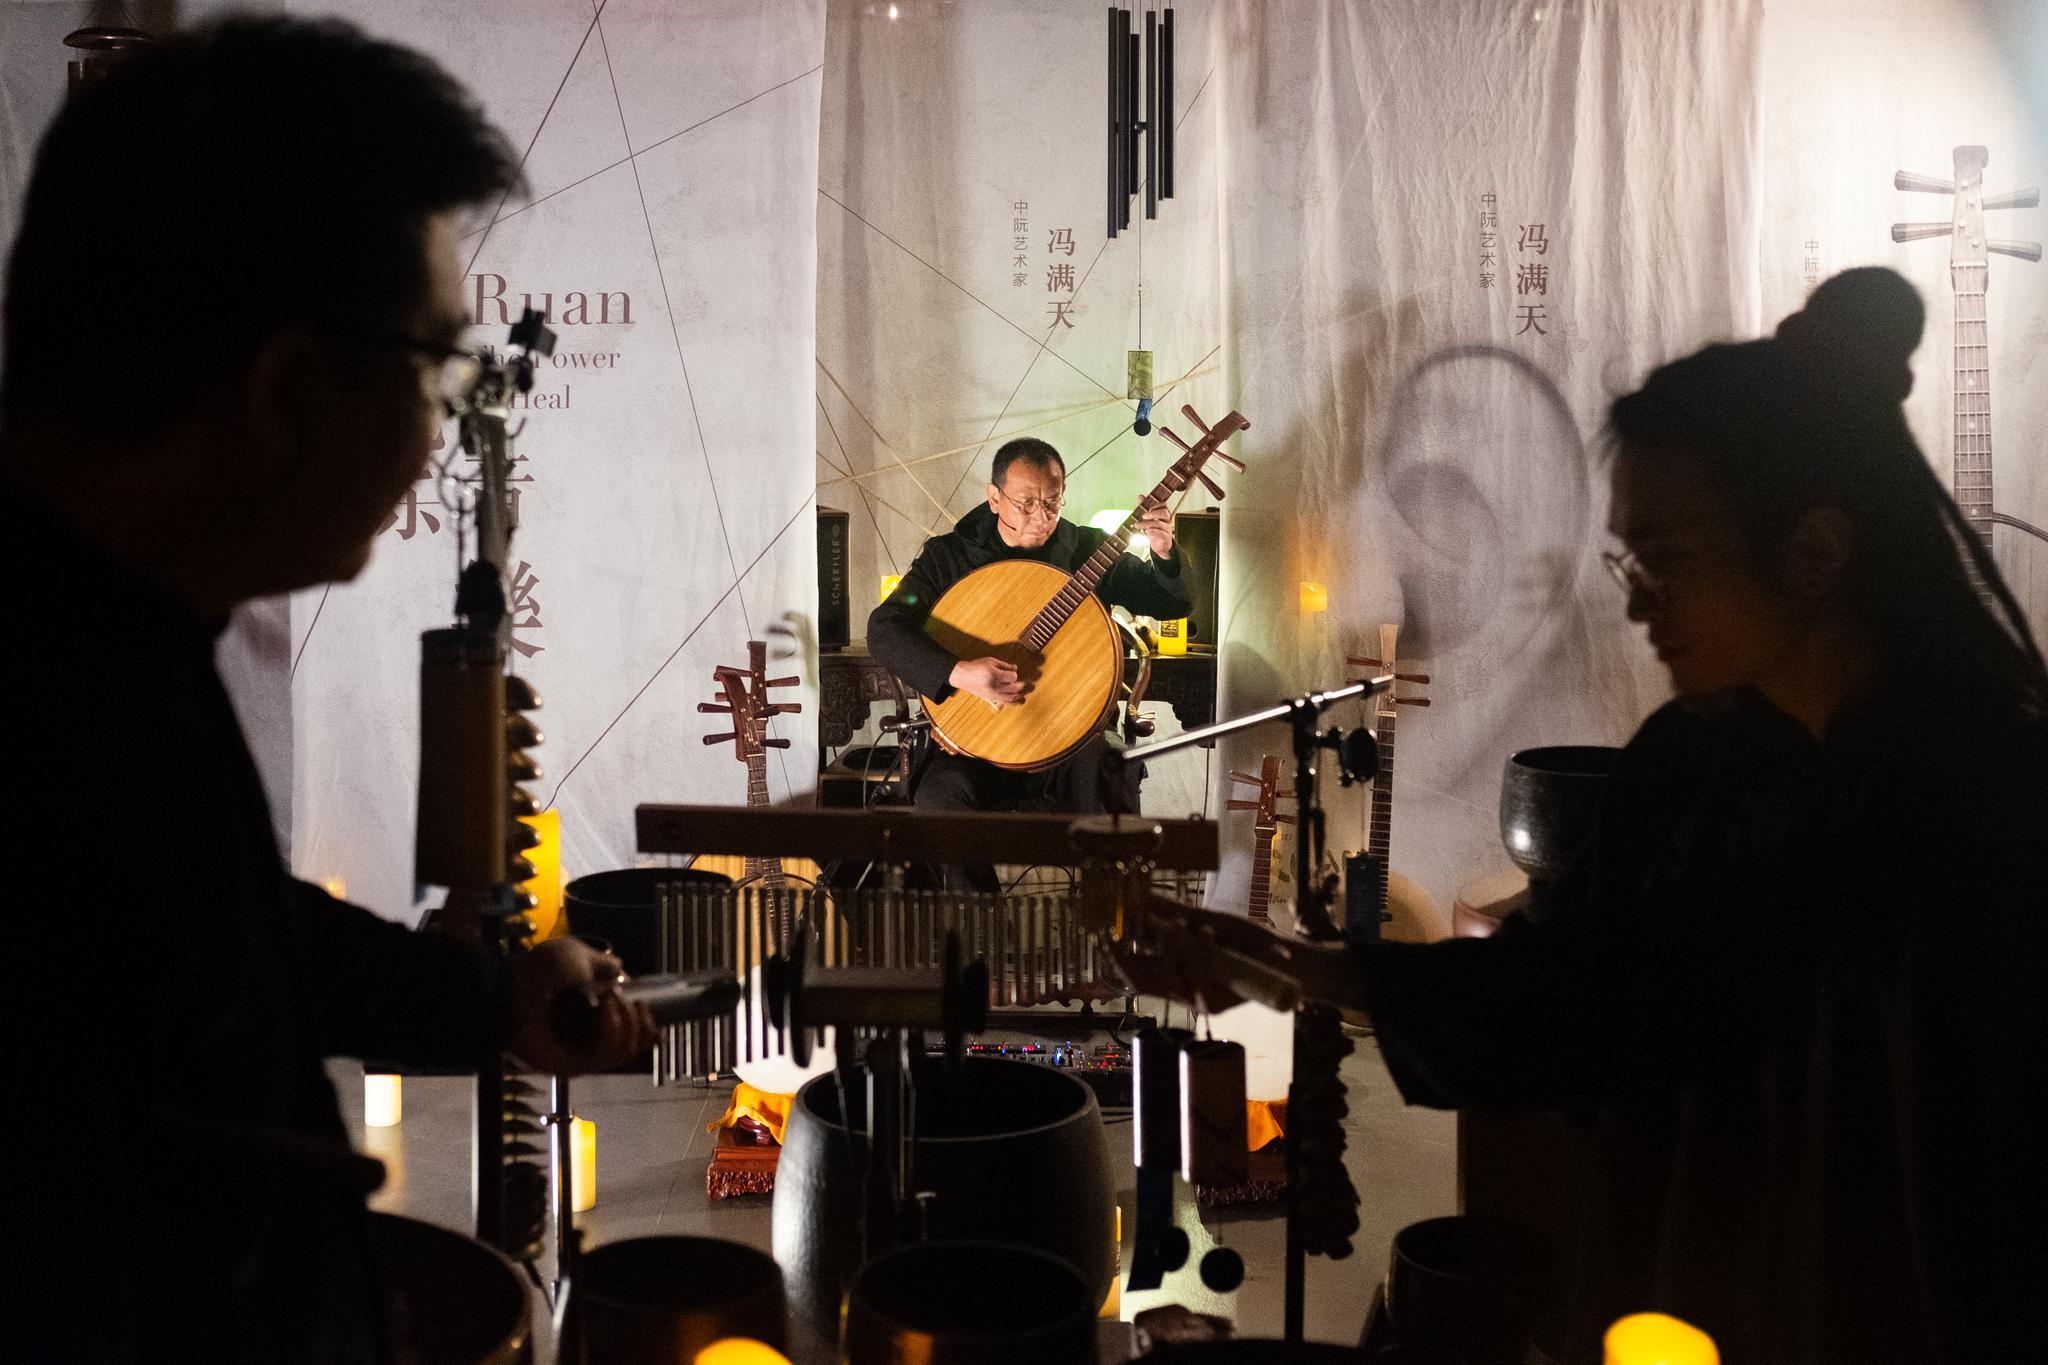 摩天平台:奏家摩天平台冯满天办线上音乐会环绕声图片